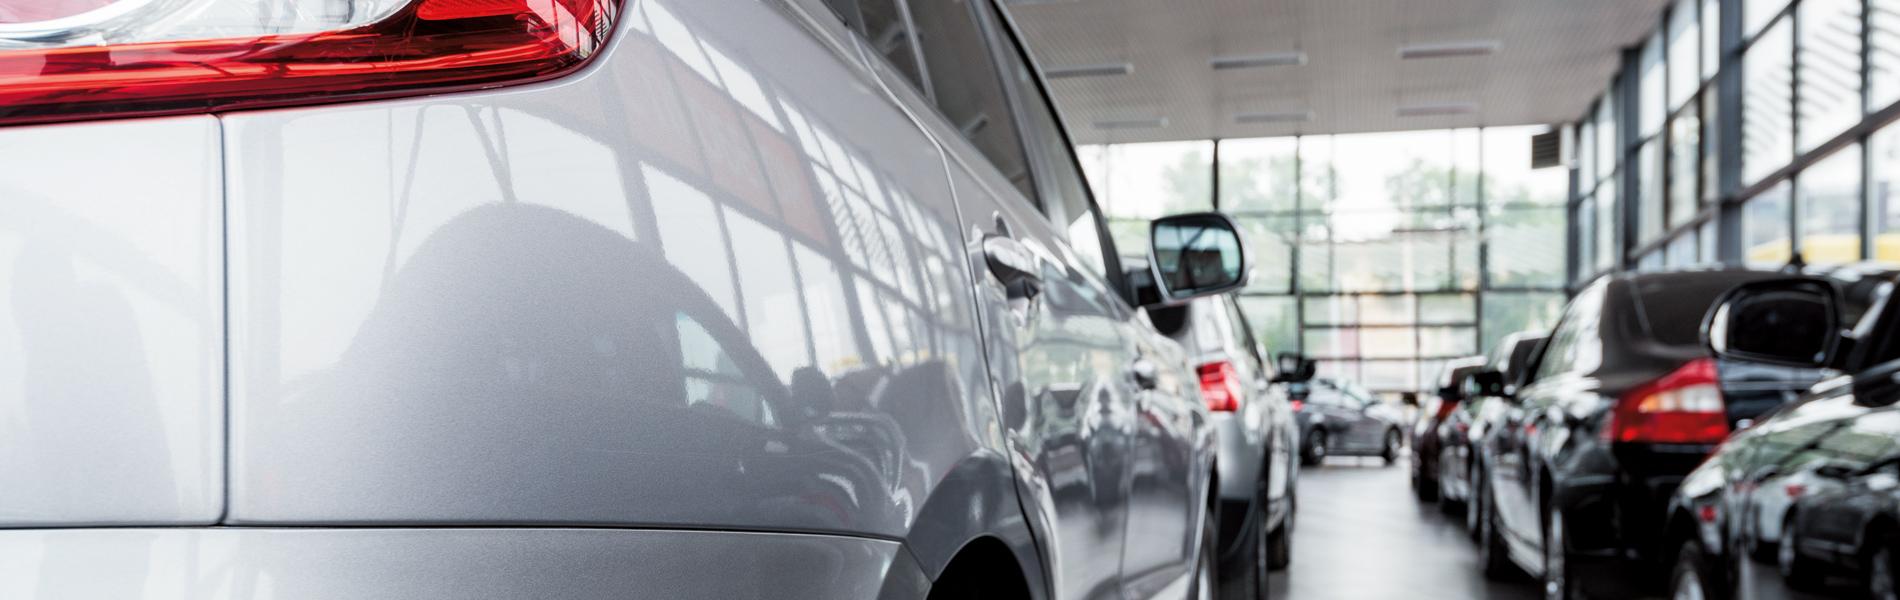 Individuelle Flottenlösungen – Individuell für Ihren Fuhrpark.